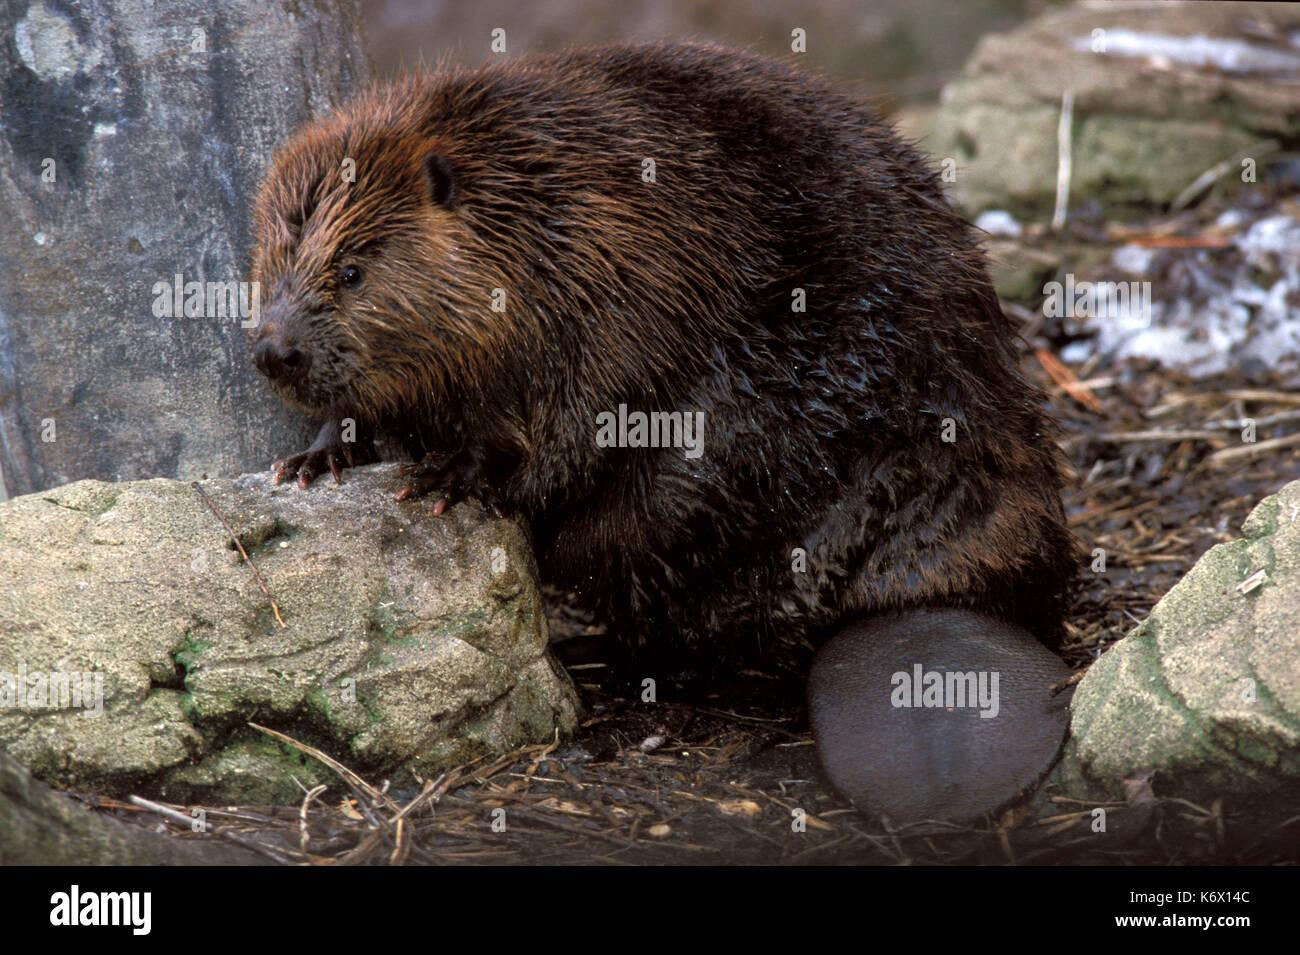 Castor (Castor canadensis) - captive, montrant tout le corps et la queue Photo Stock